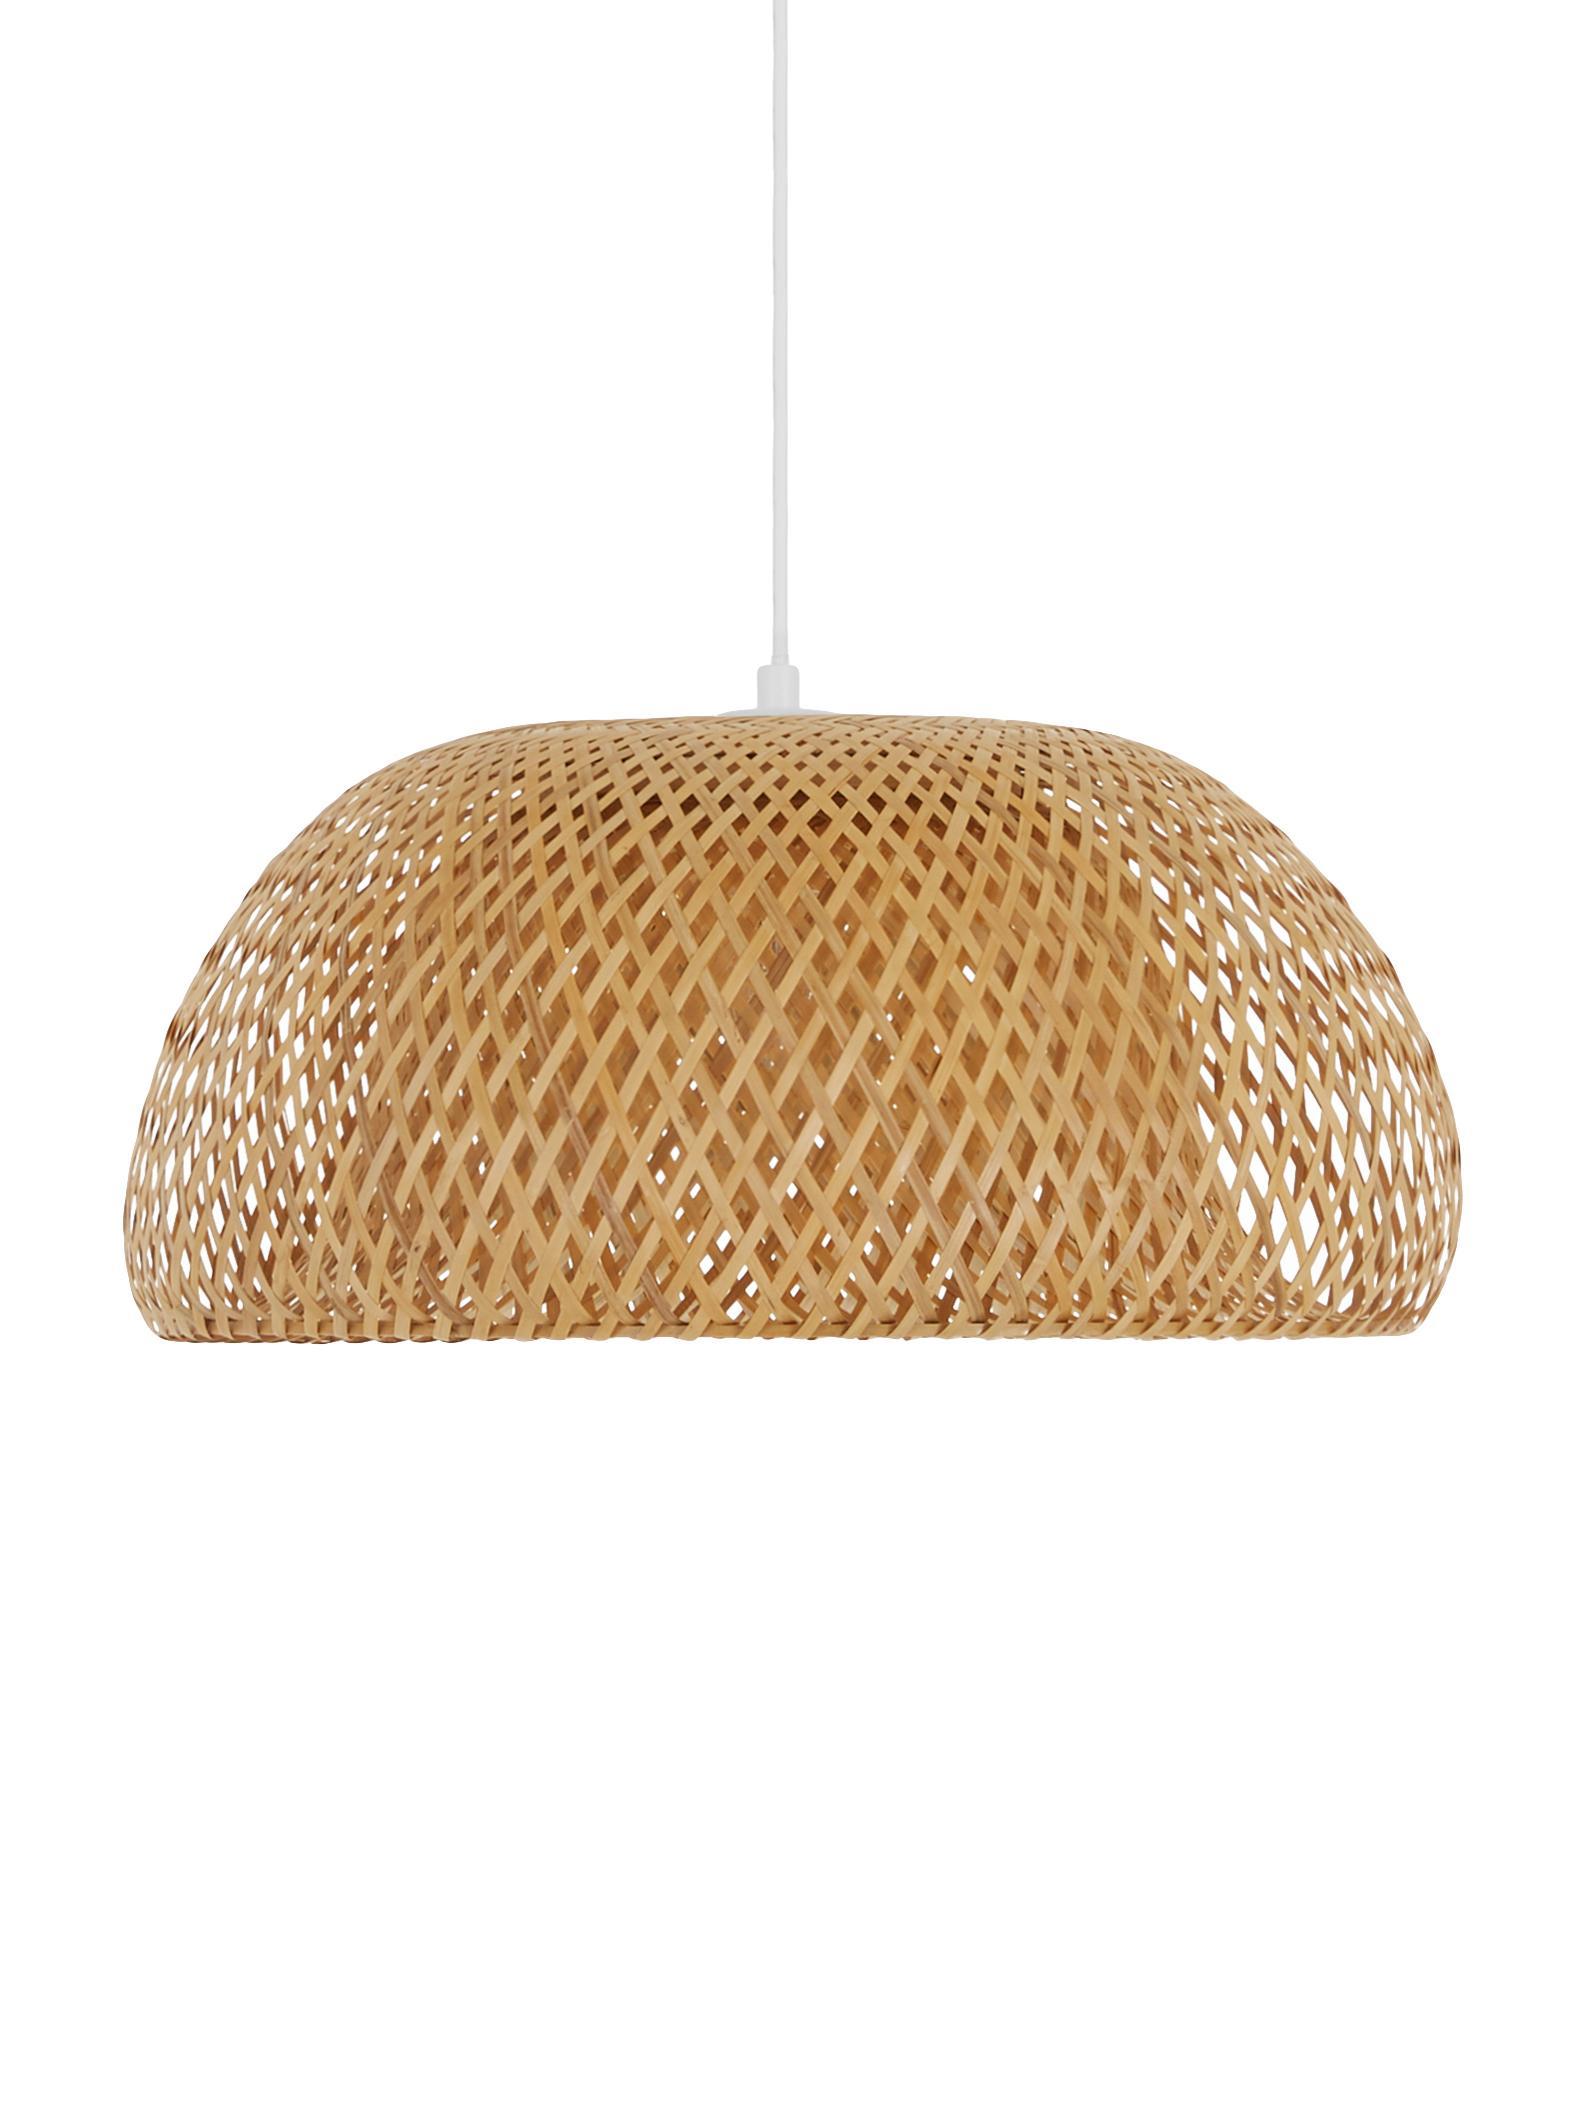 Lampada a sospensione in bambù Eden, Paralume: bambù, Bambù, Ø 45 x Alt. 21 cm